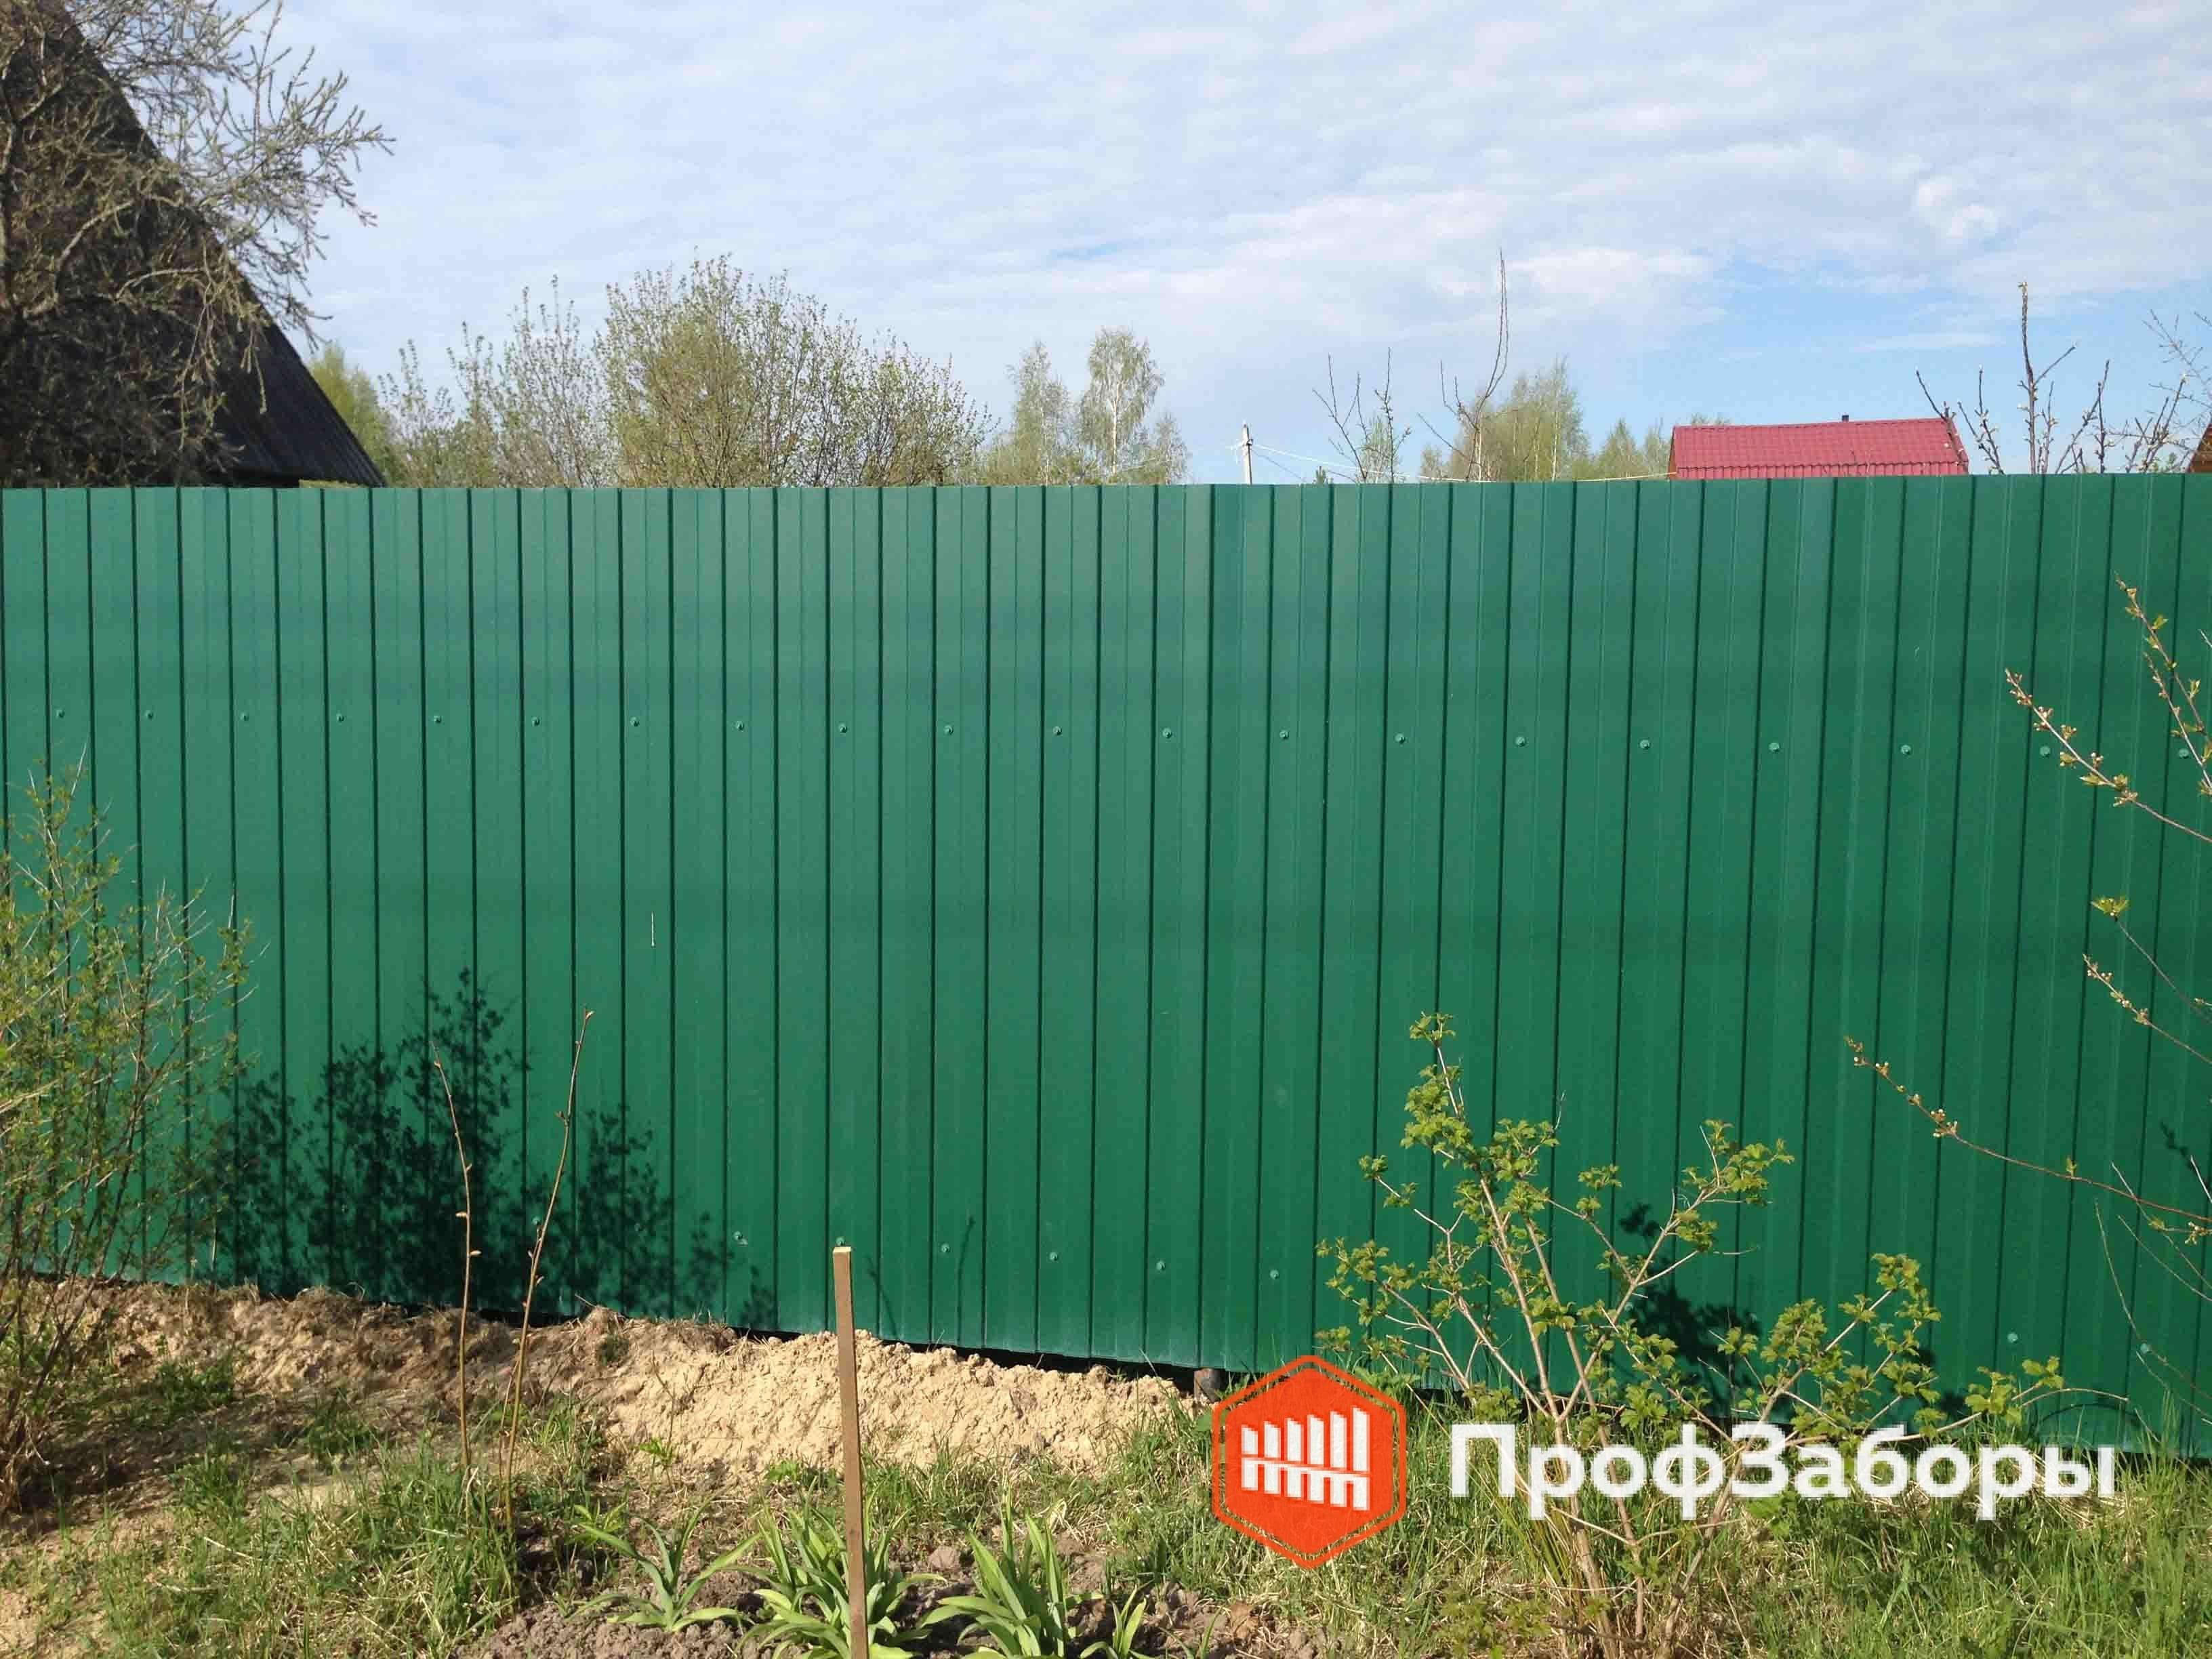 Заборы Из профнастила  - Деревня Александрово. Фото 4